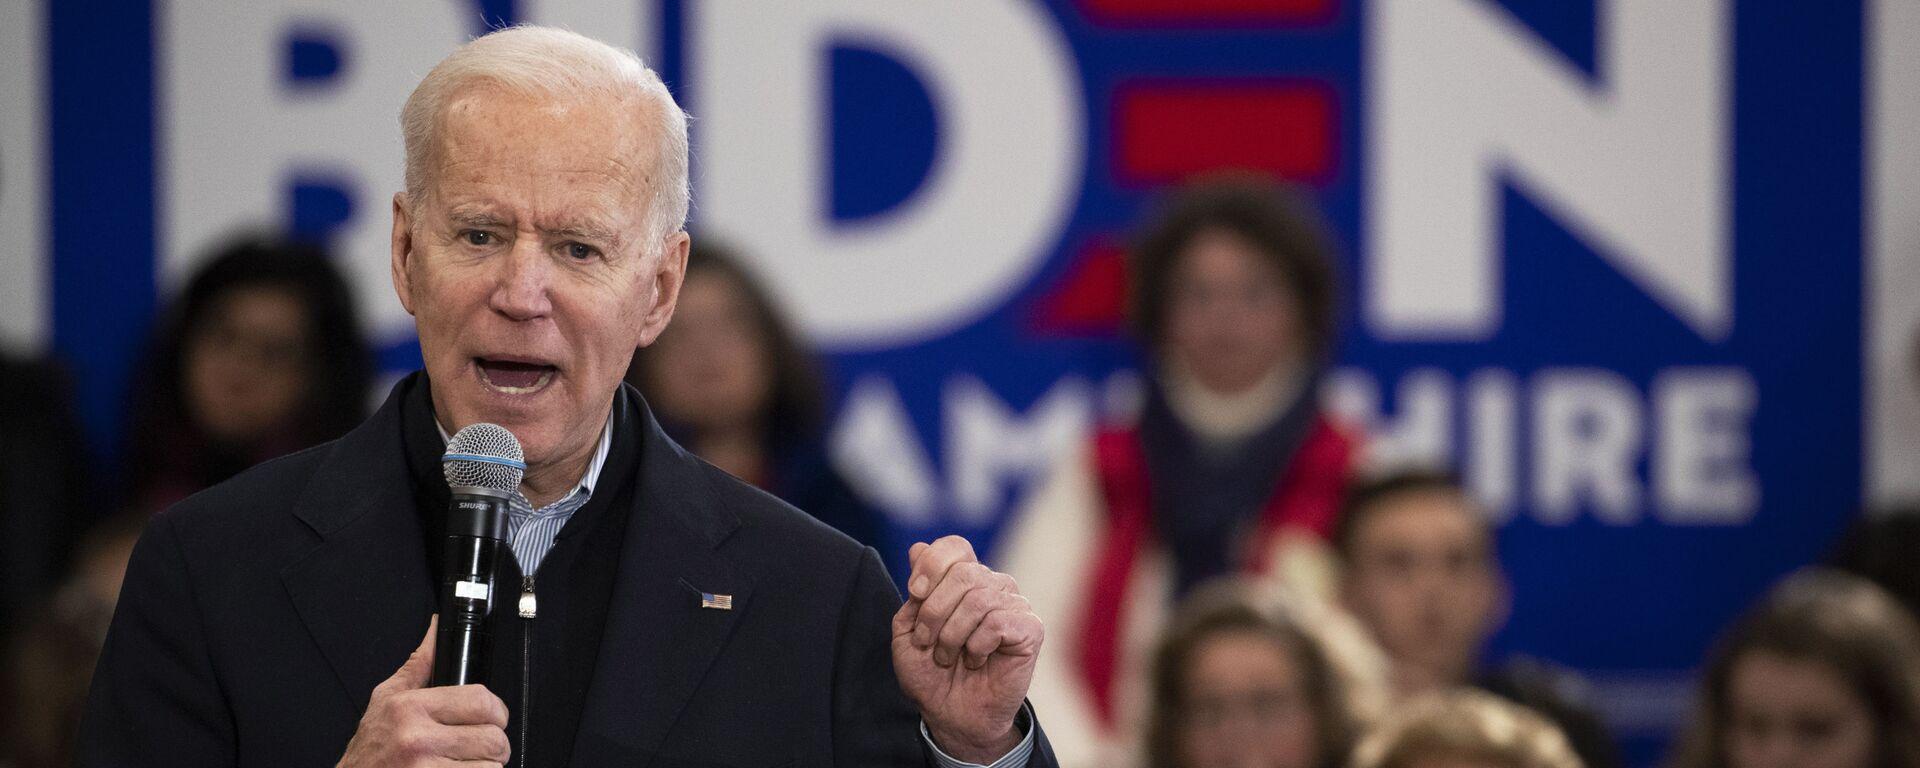 Joe Biden, el presidente de EEUU  - Sputnik Mundo, 1920, 18.03.2021